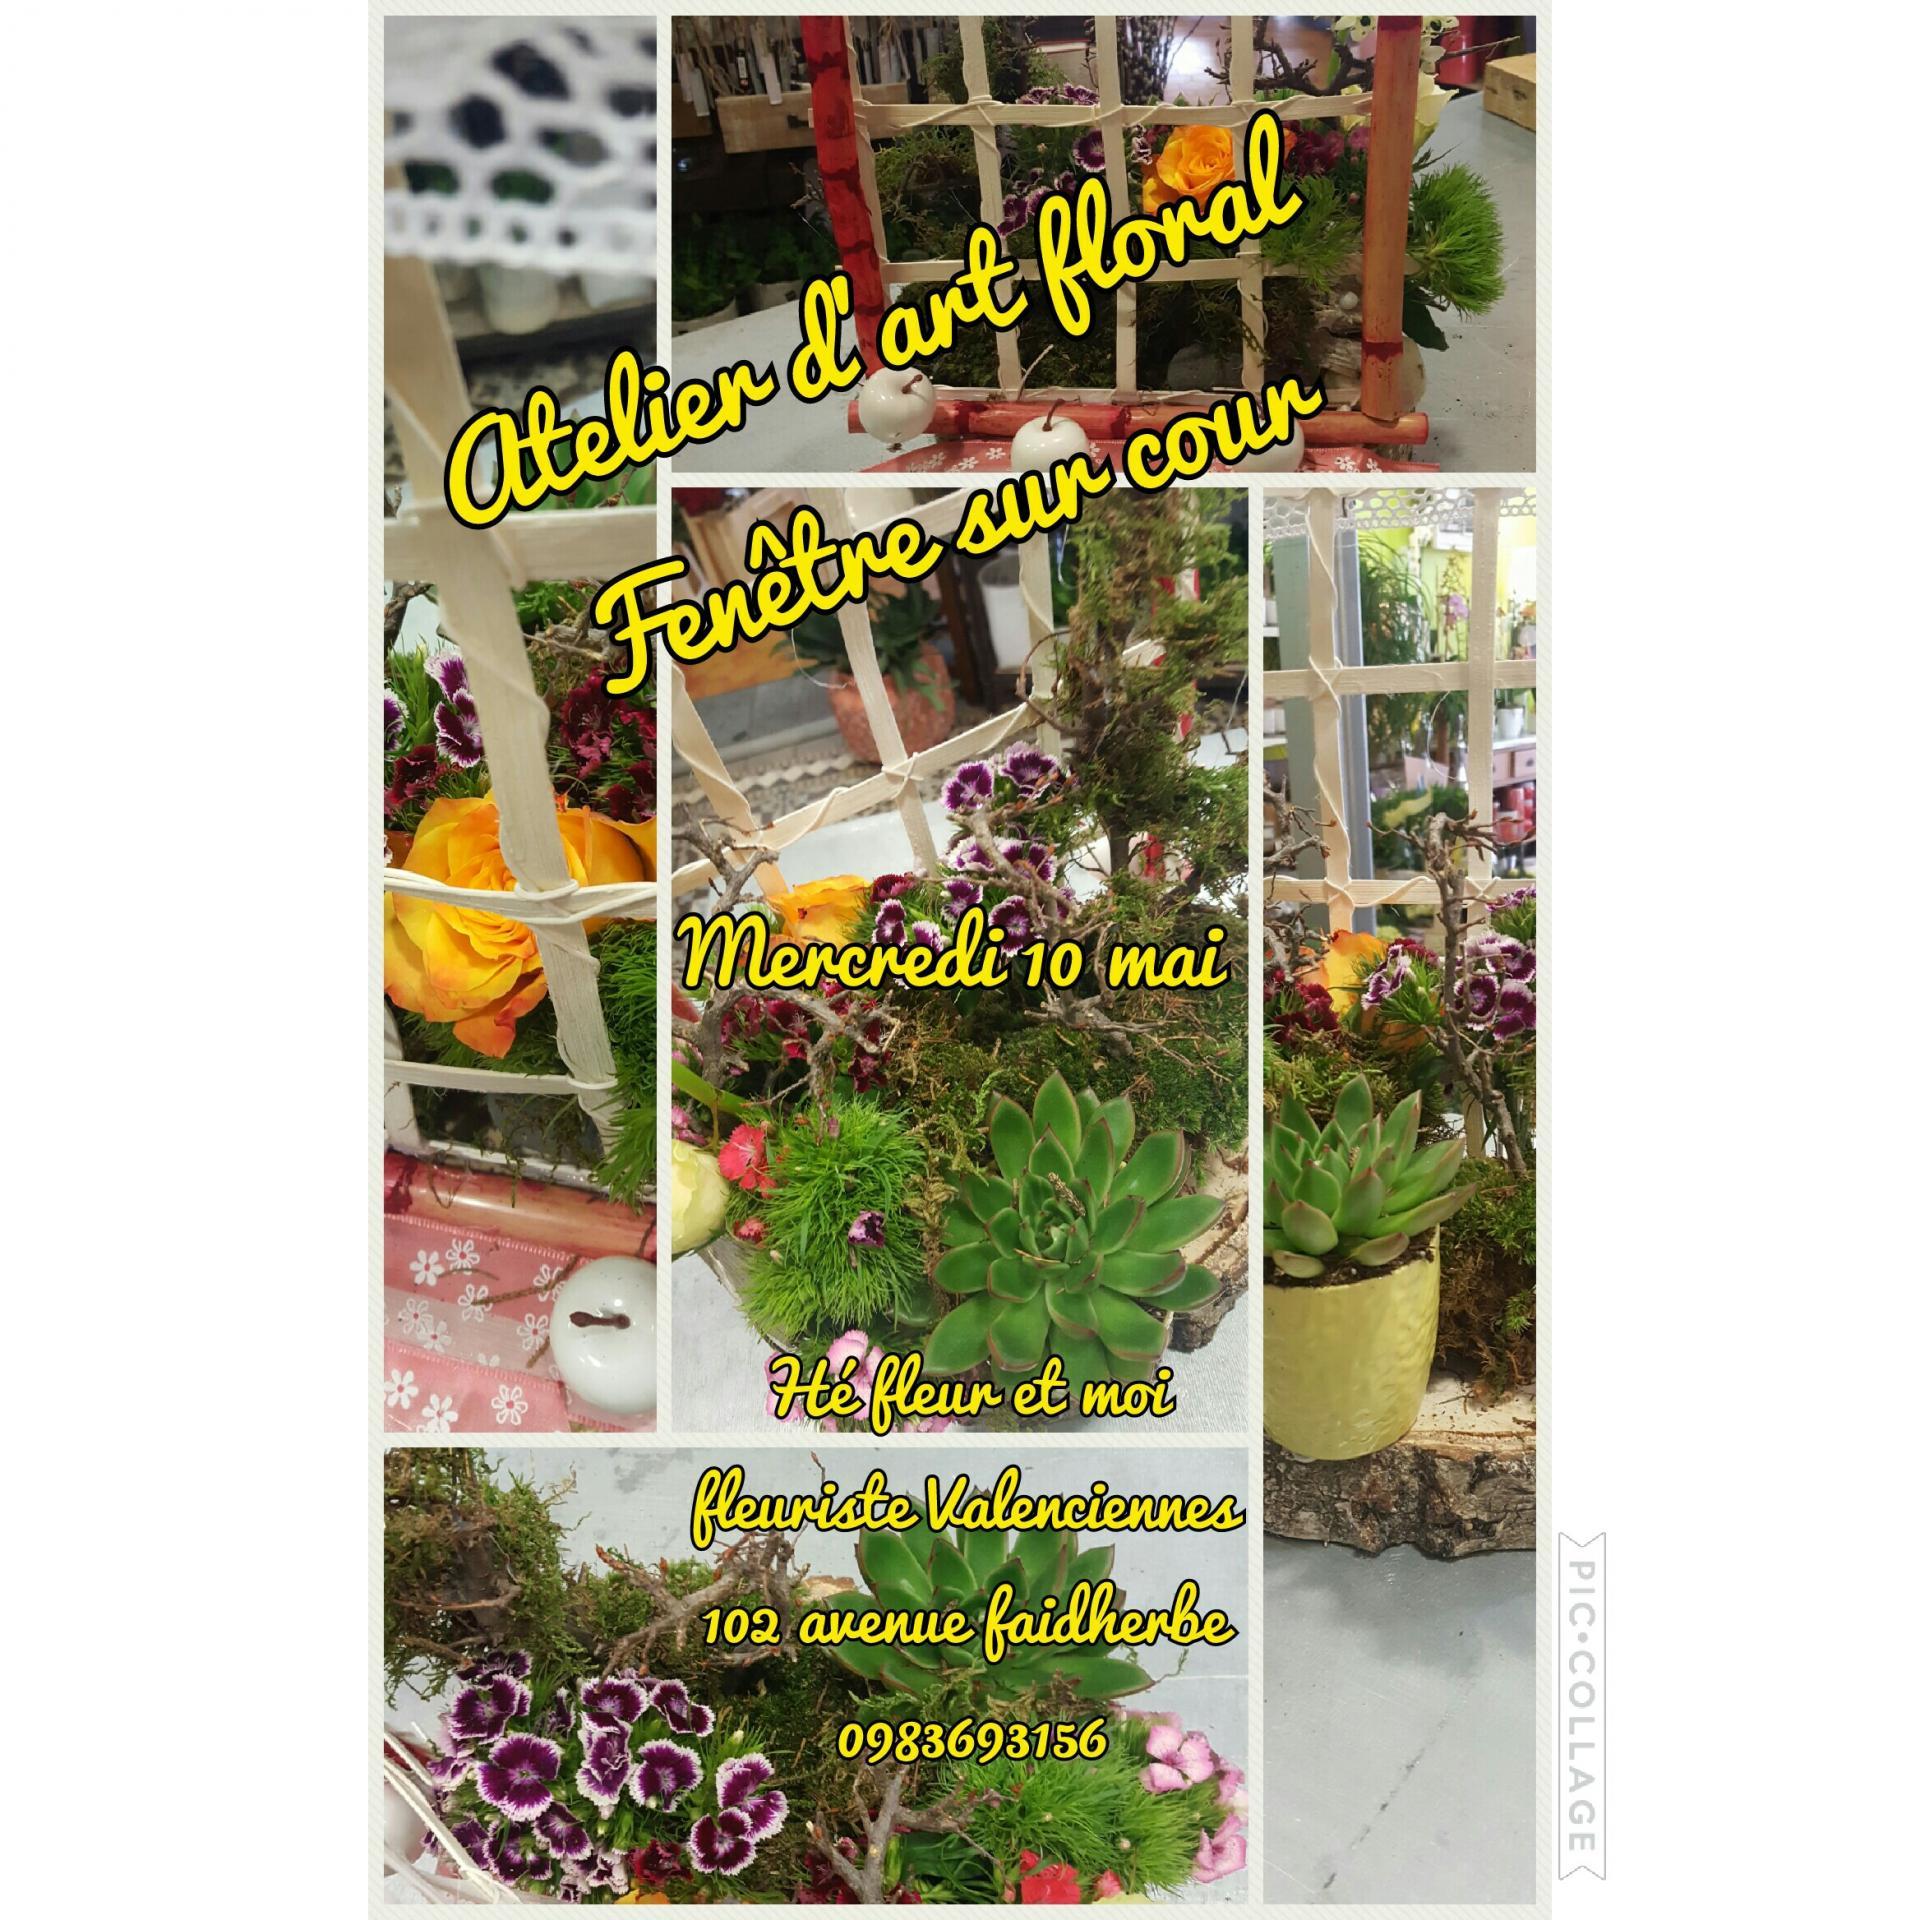 Atelier d'art floral Fenêtre sur cour le mercredi 10 mai by Hé fleur et moi fleuriste #Valenciennes 0983693156 inscription en magasin #artfloral #fleuriste